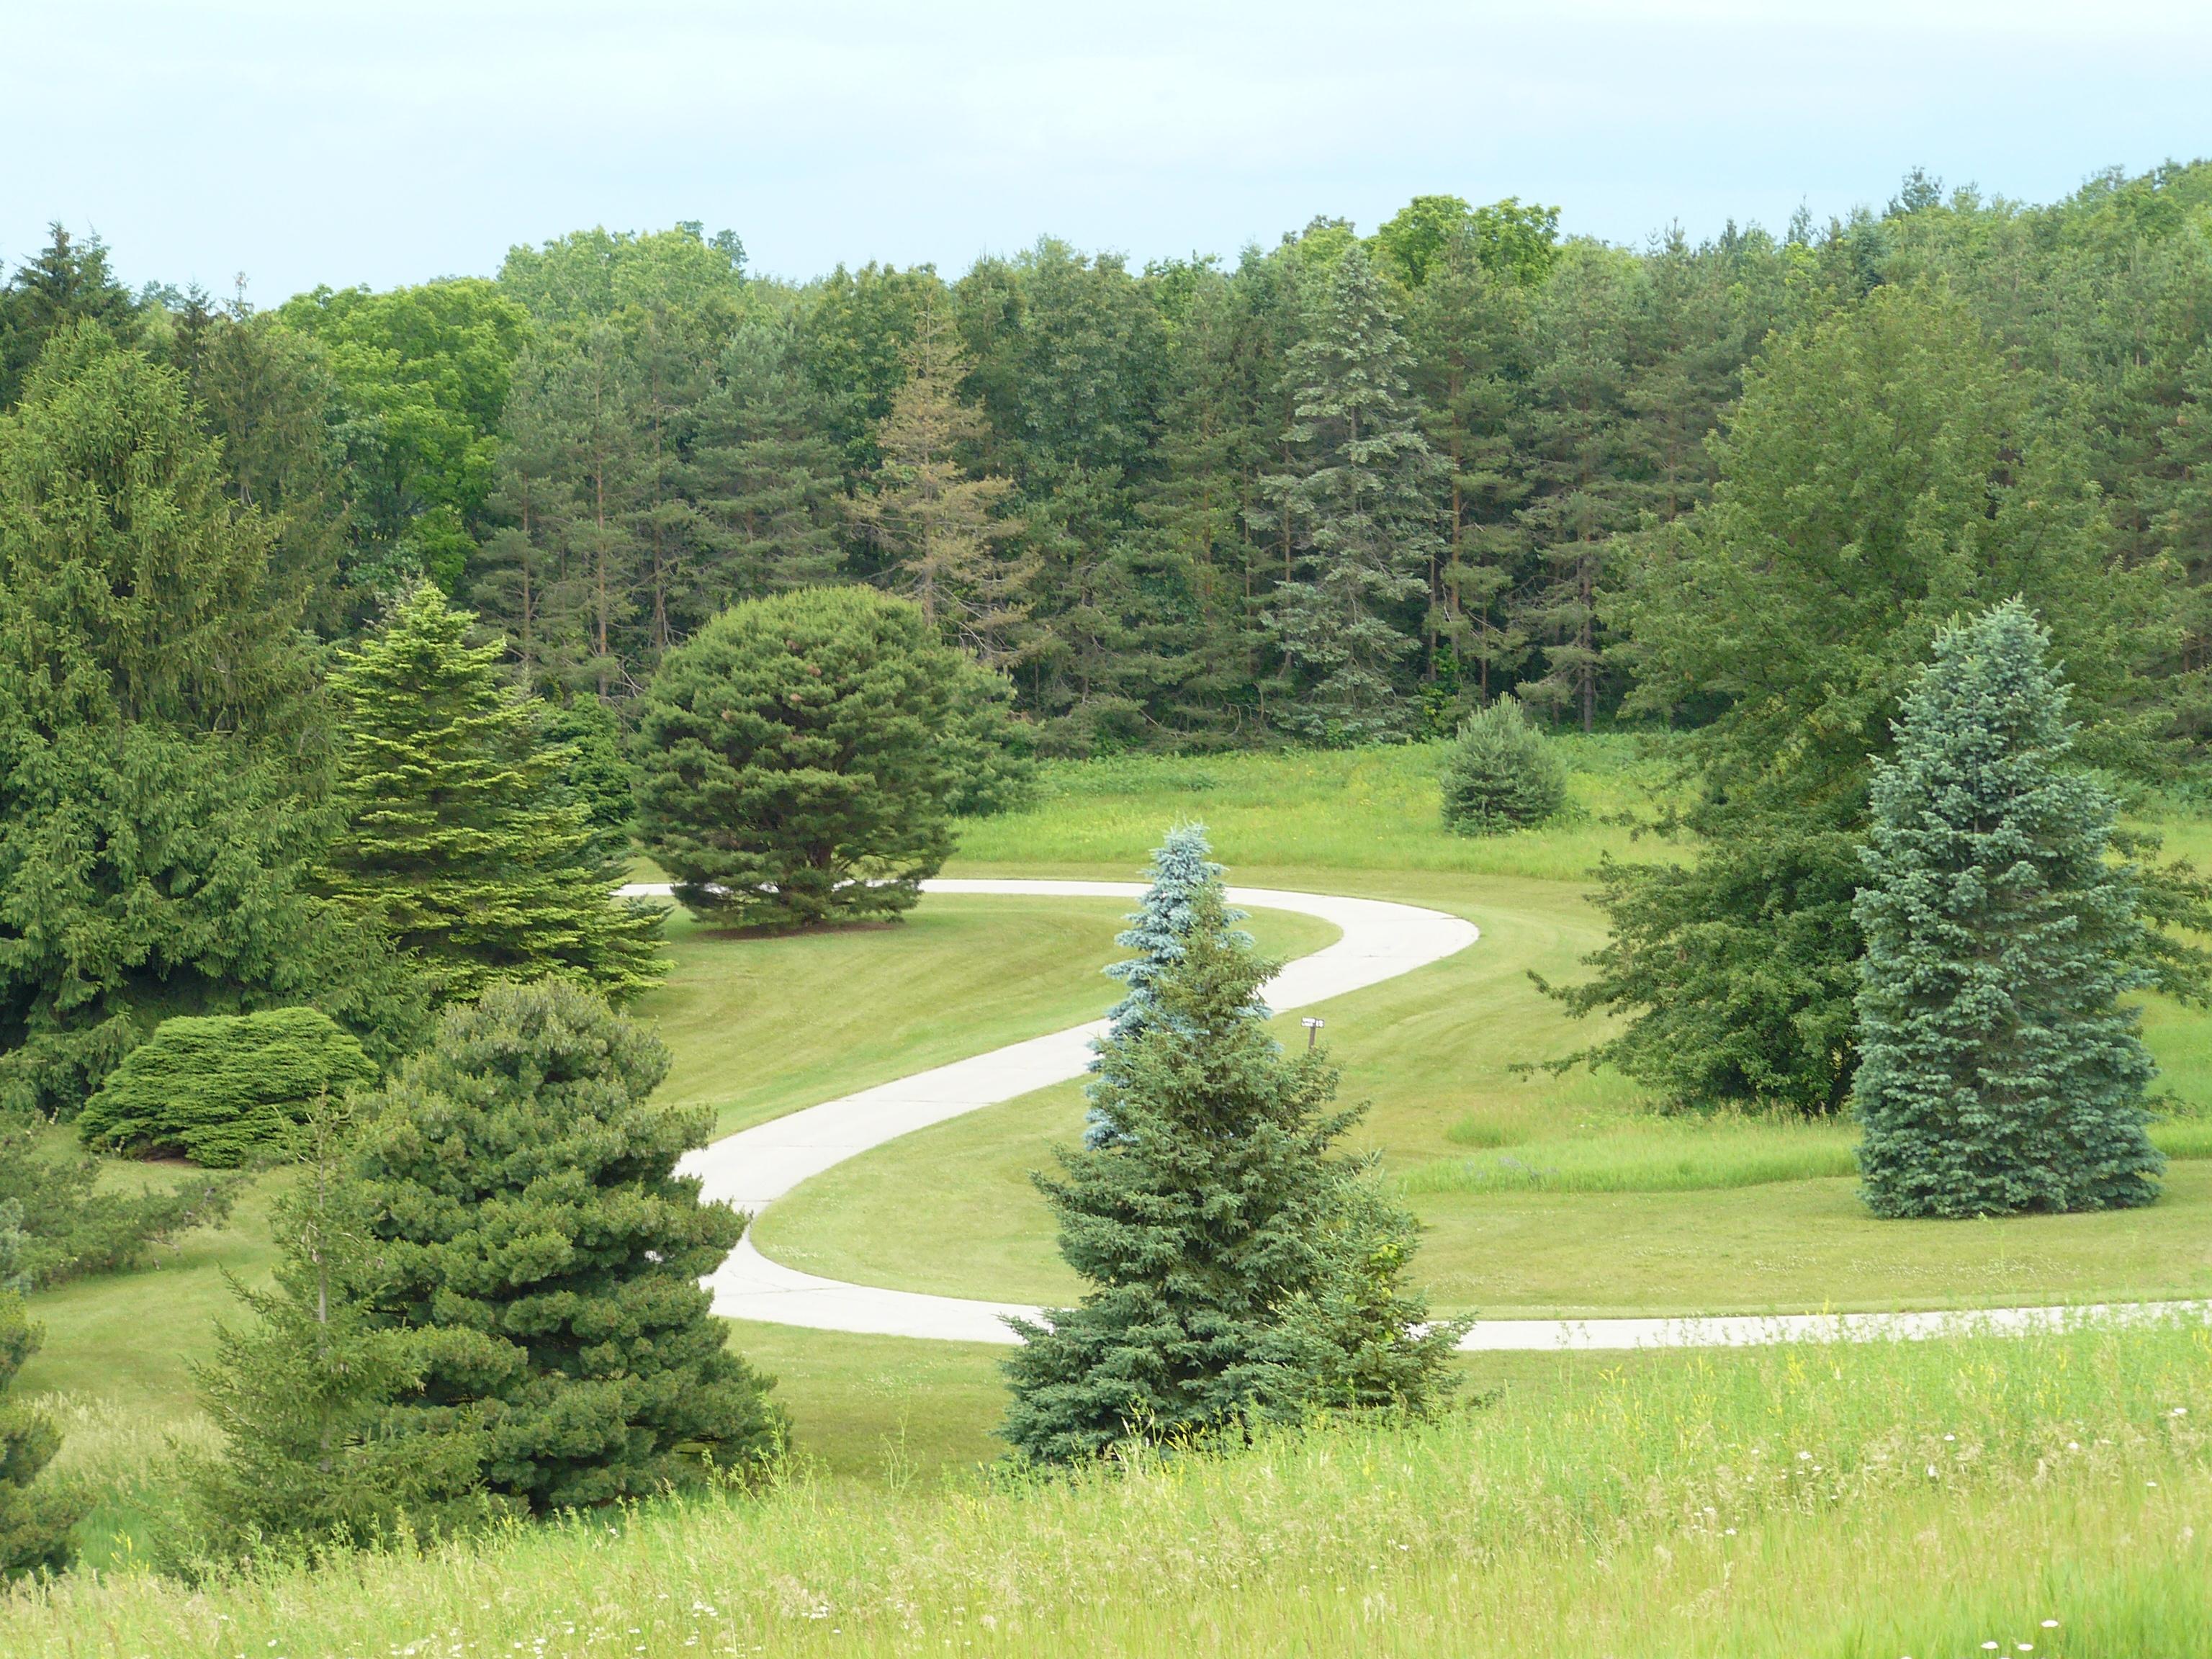 Natural Beauty of Hidden Lake Gardens, Garden, Grass, Green, Landscape, HQ Photo